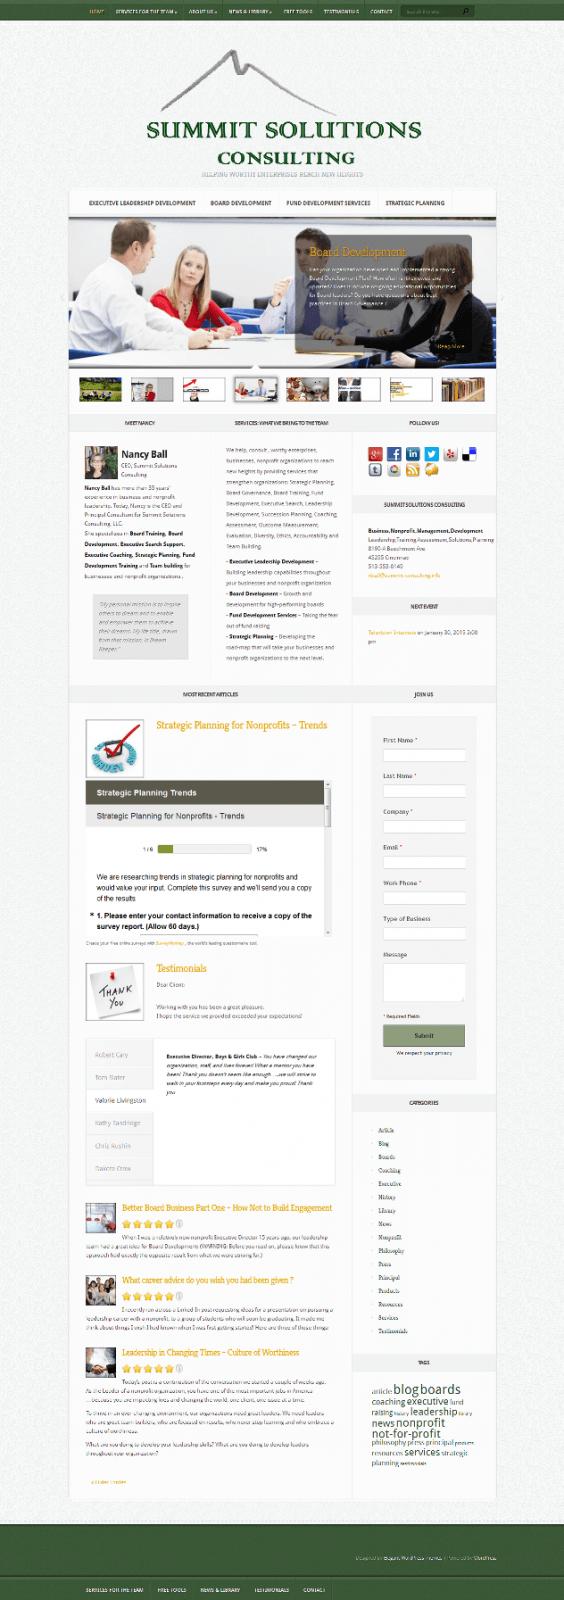 Business Consulting,NonProfit,Management,Cincinnati,OH